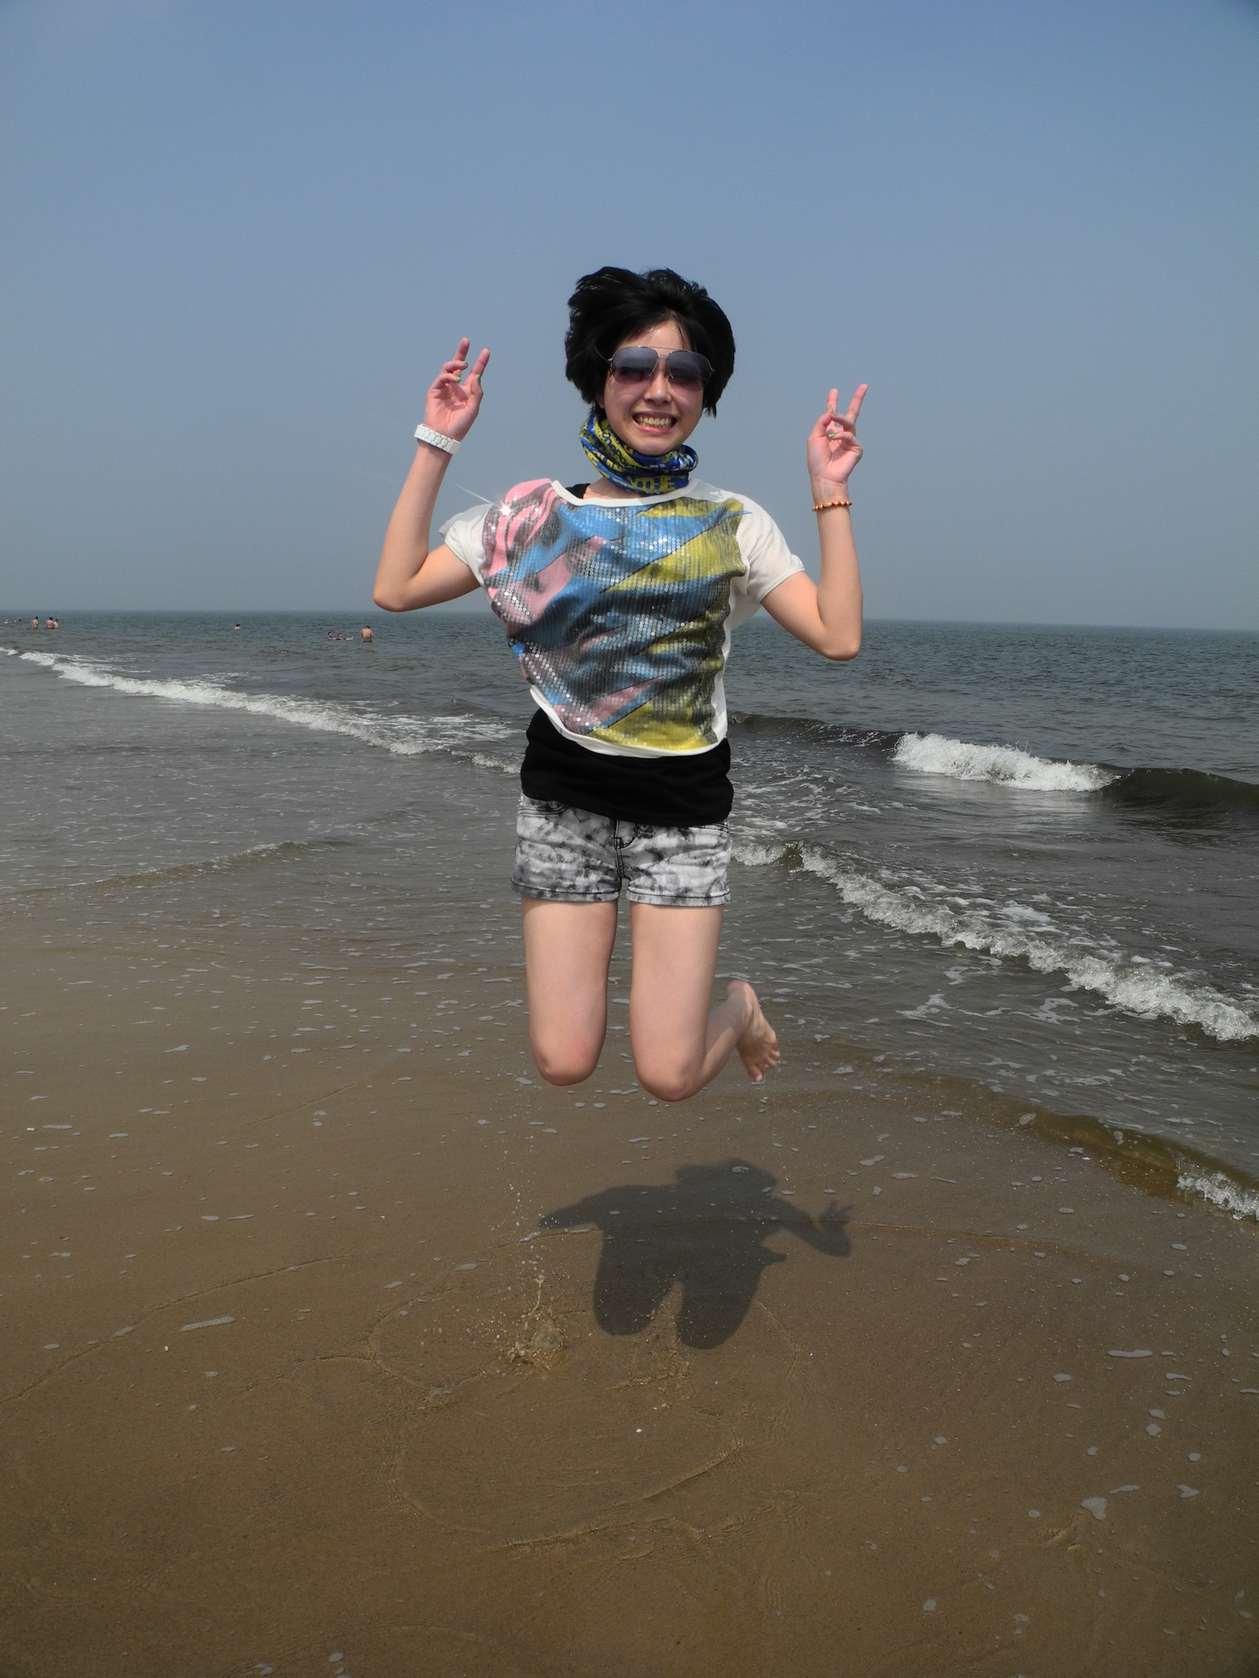 30翡翠岛海滩露营&烧烤&ktv盛夏狂欢夜照片回顾贴